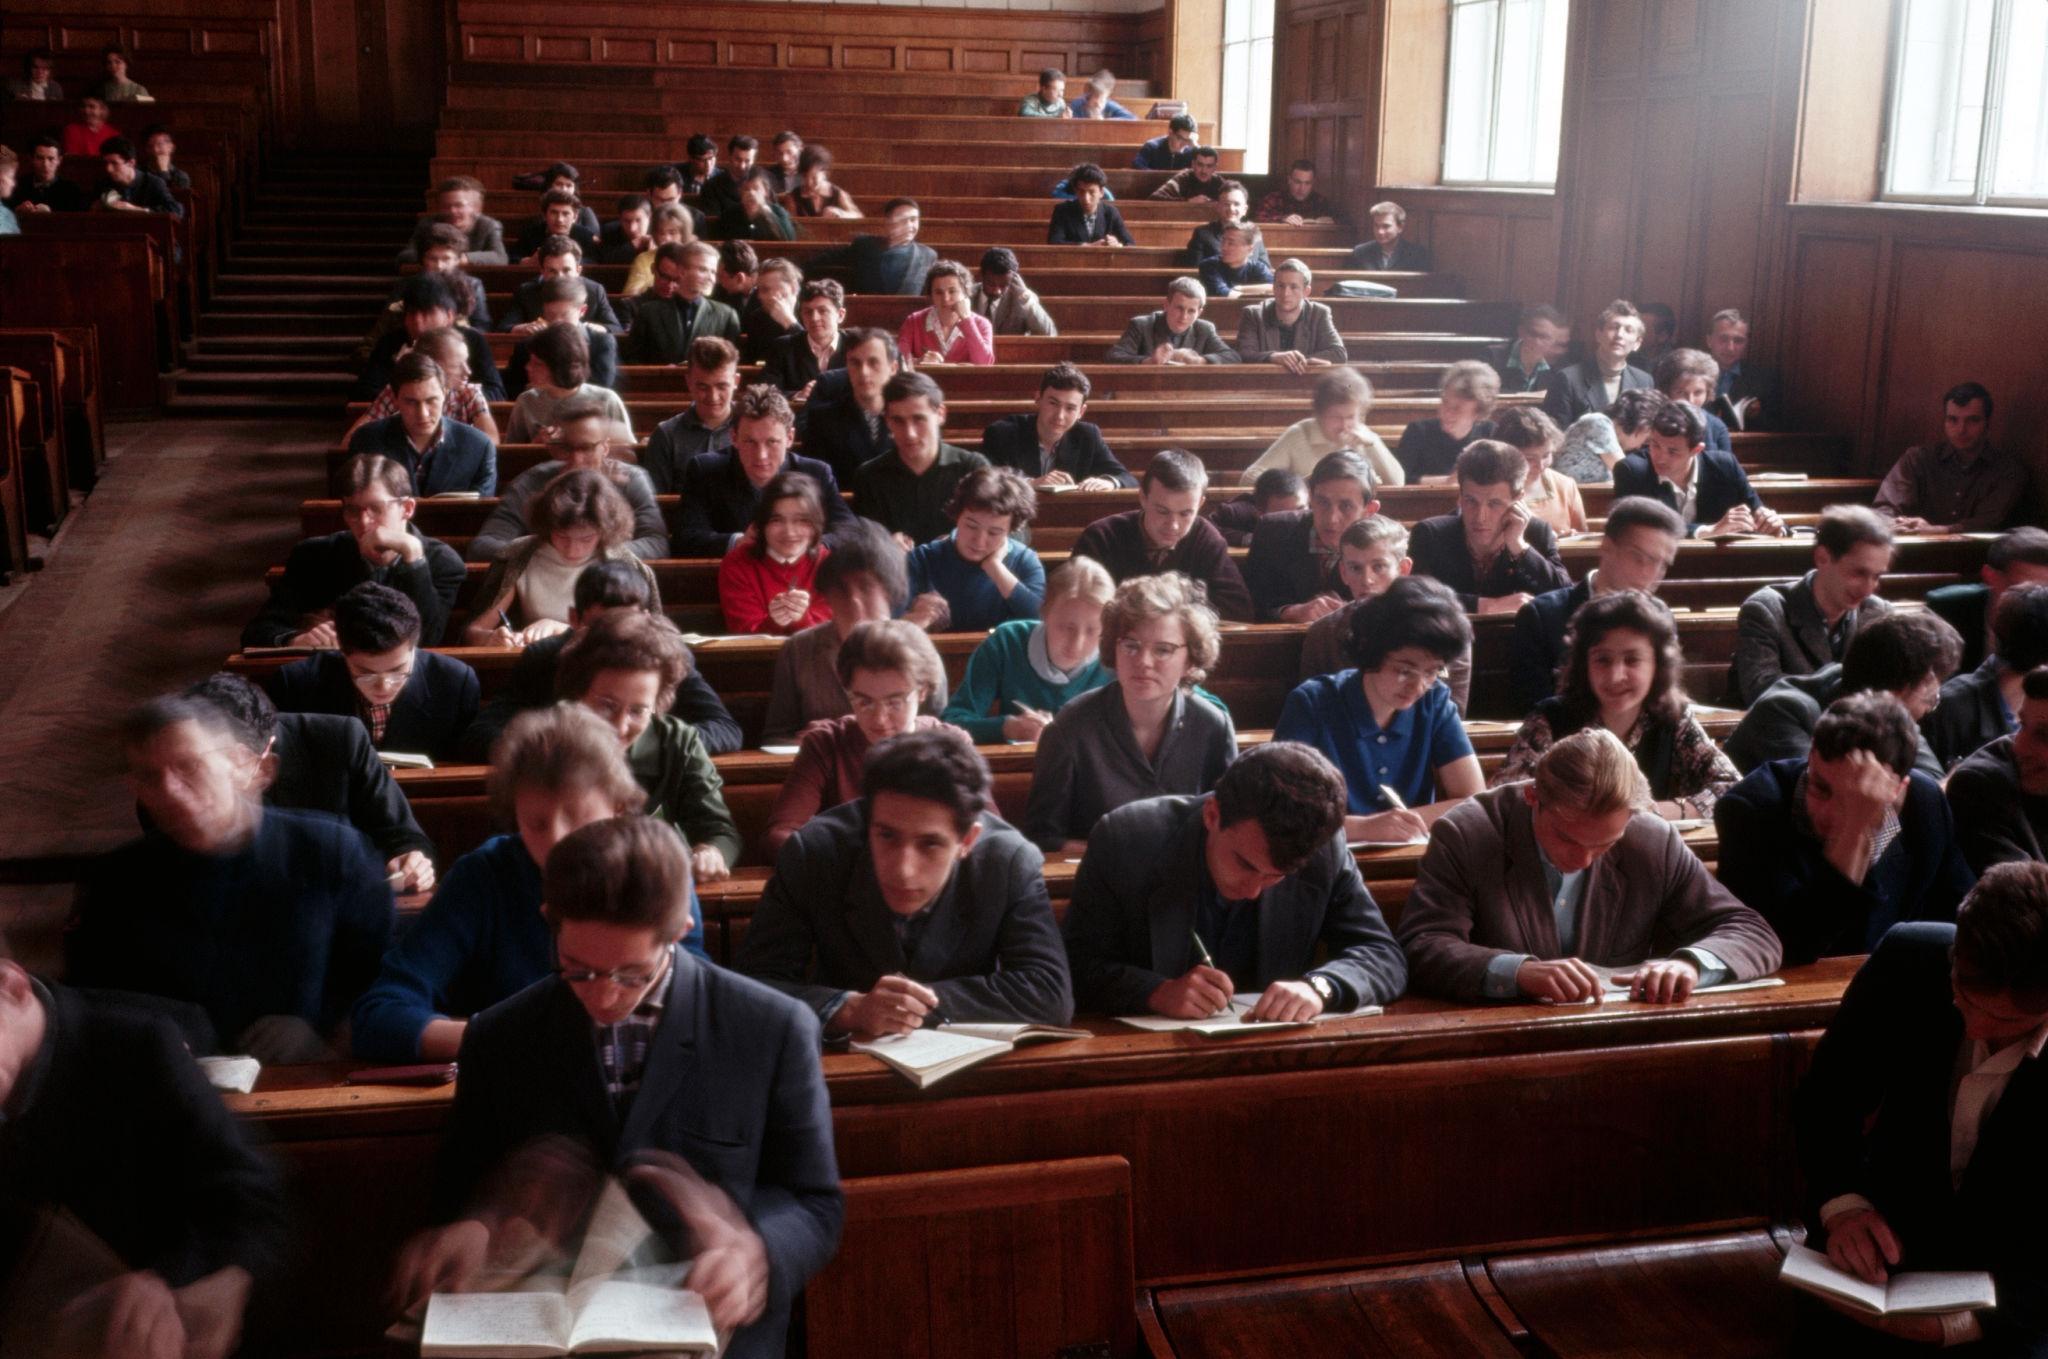 МГУ. Студенты в лекционном зале. 1964.jpg